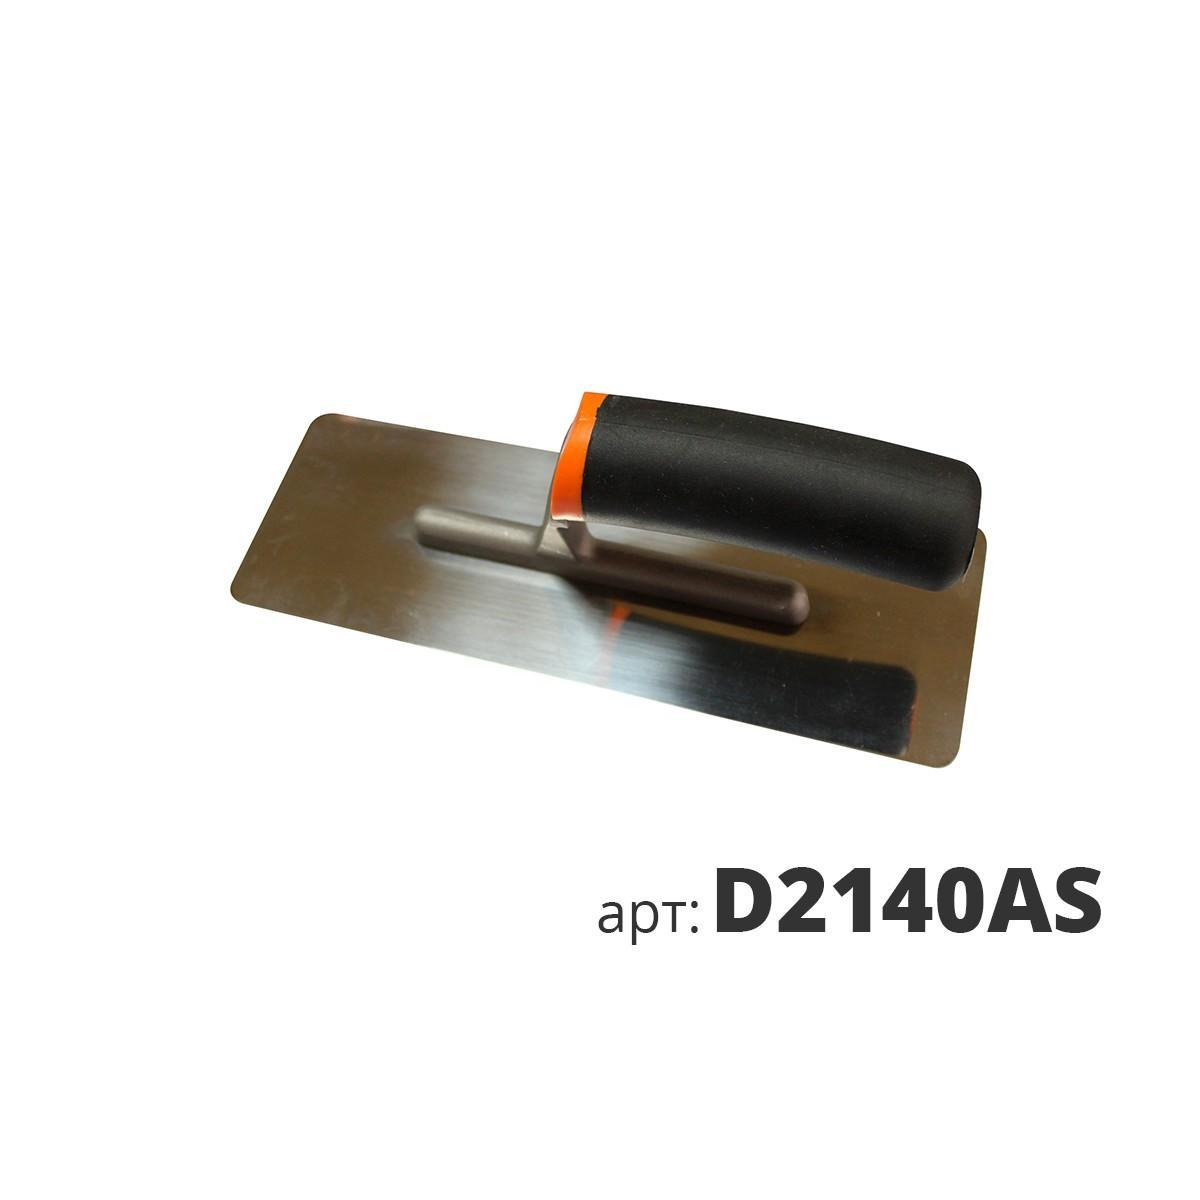 Кельма венецианская пререзиненная ручка D2140AS